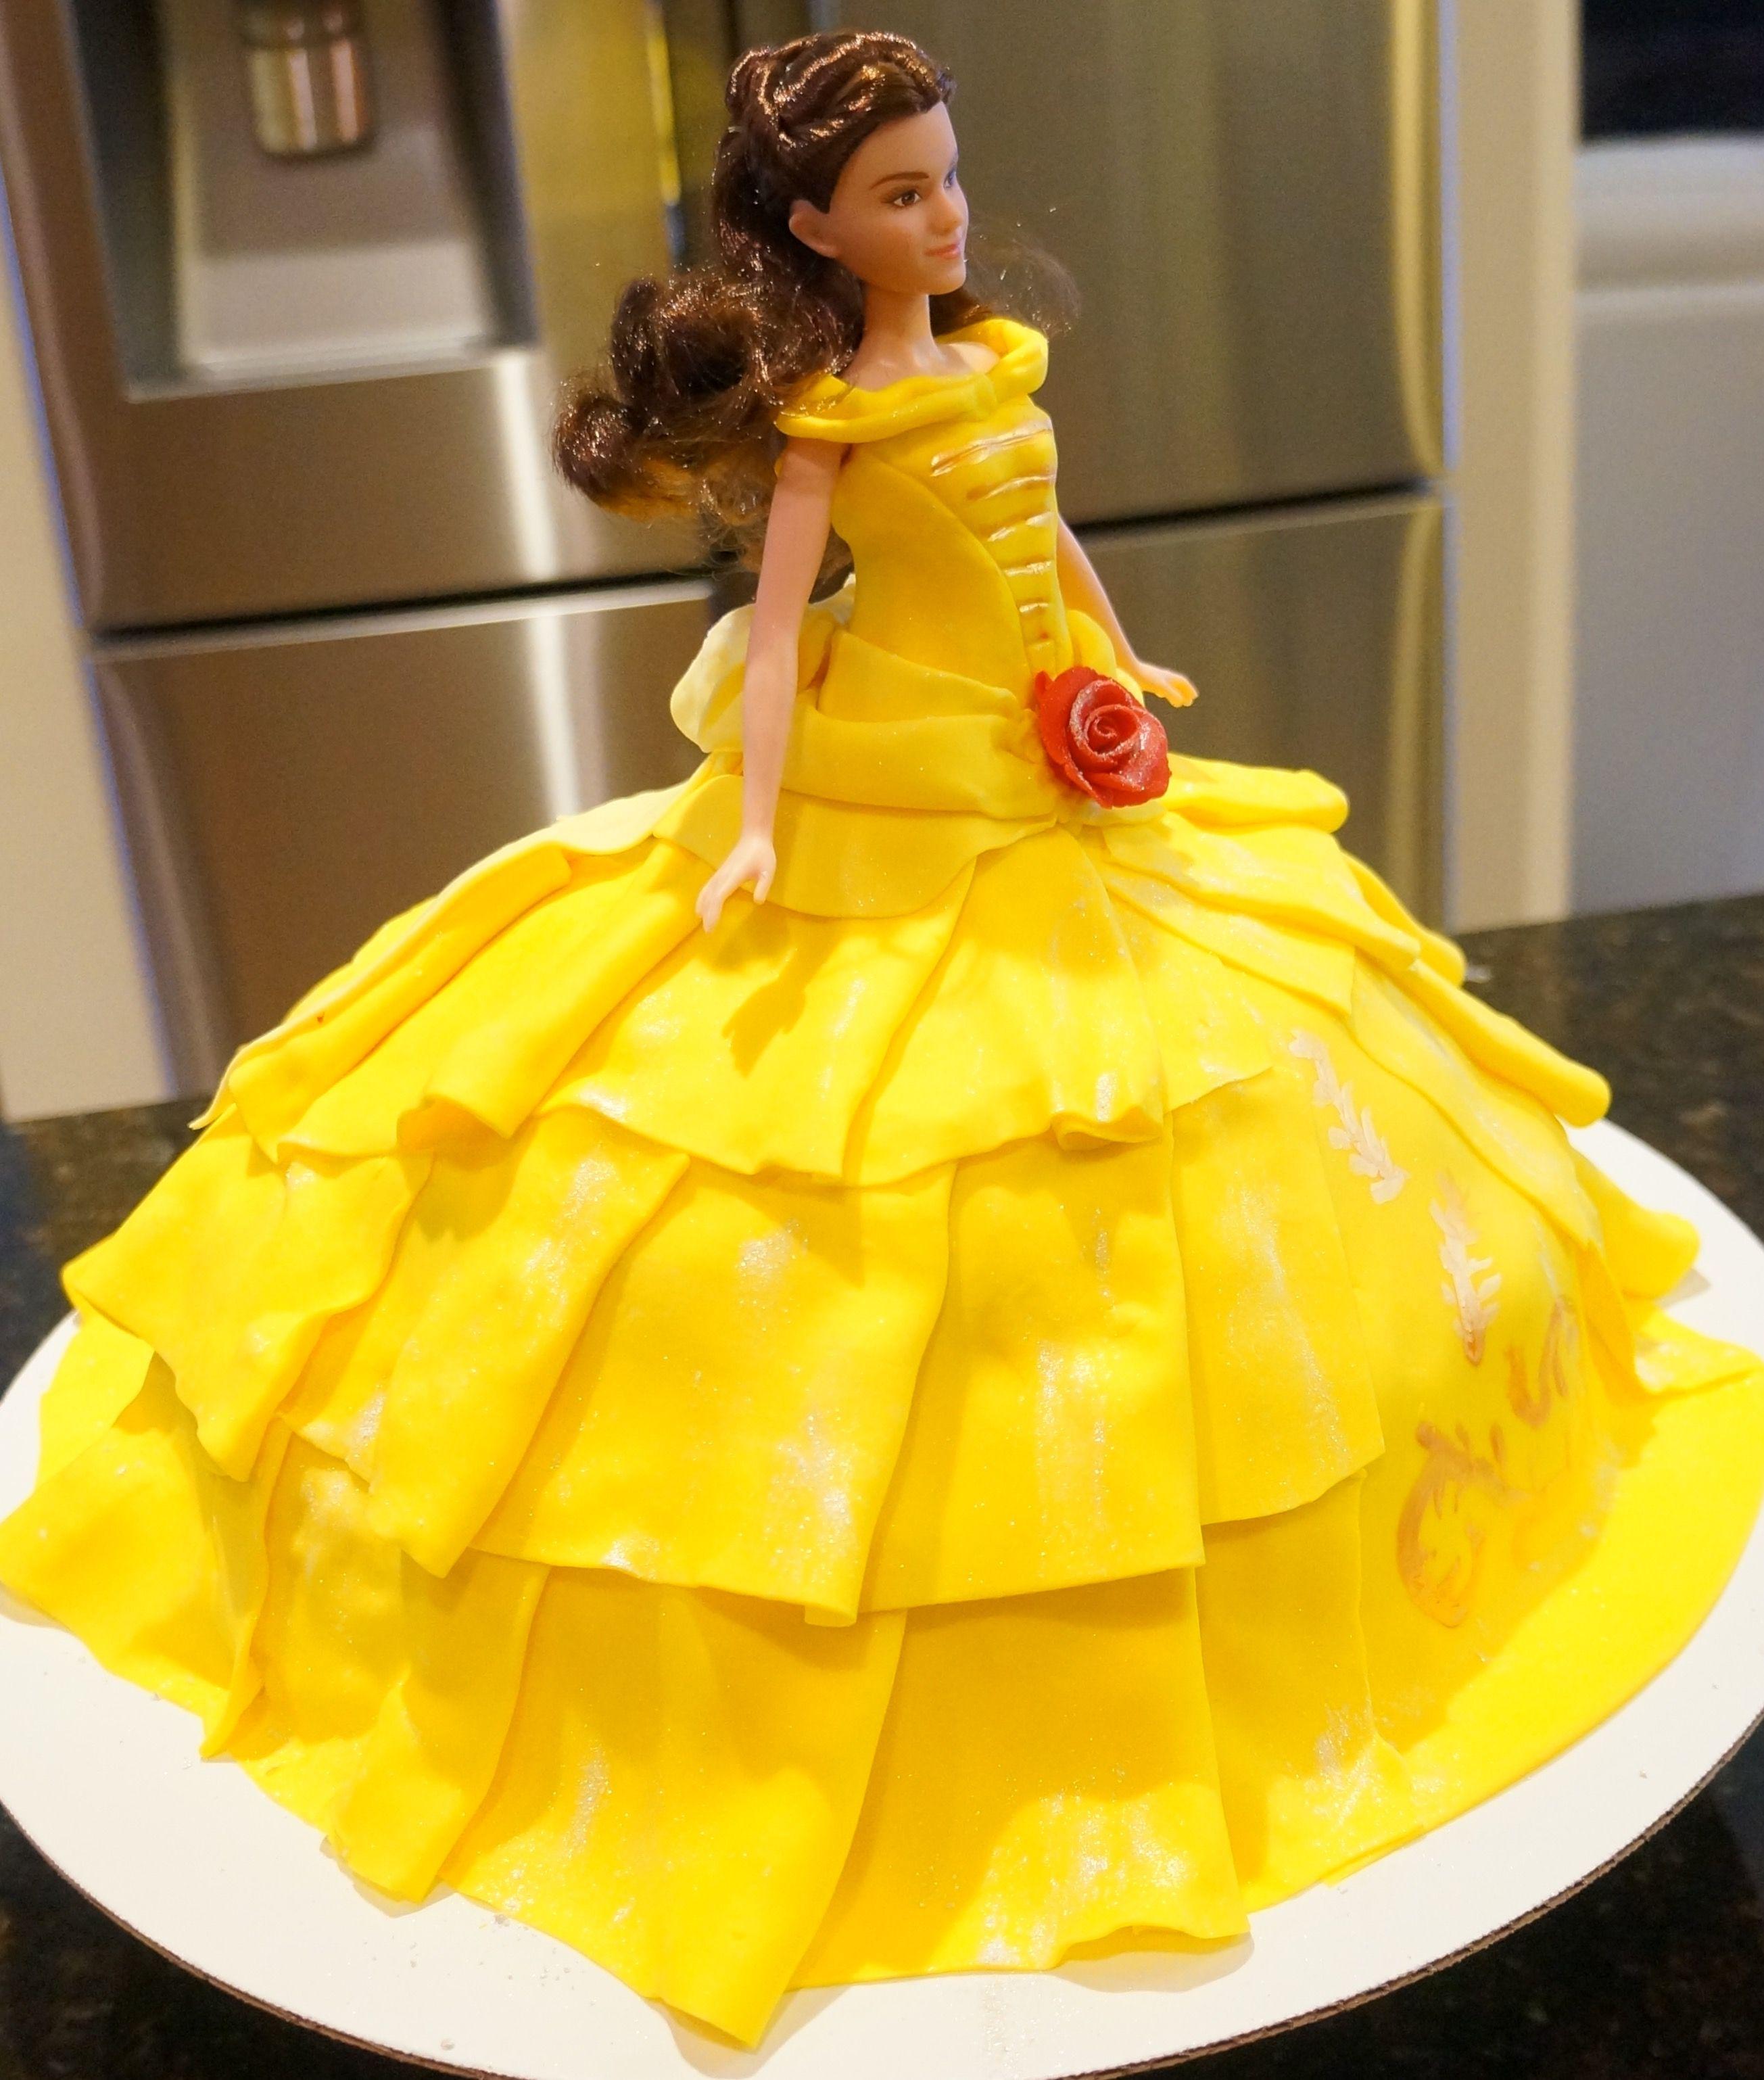 Belle doll cake Belle doll cake Pinterest Cake Birthday cakes